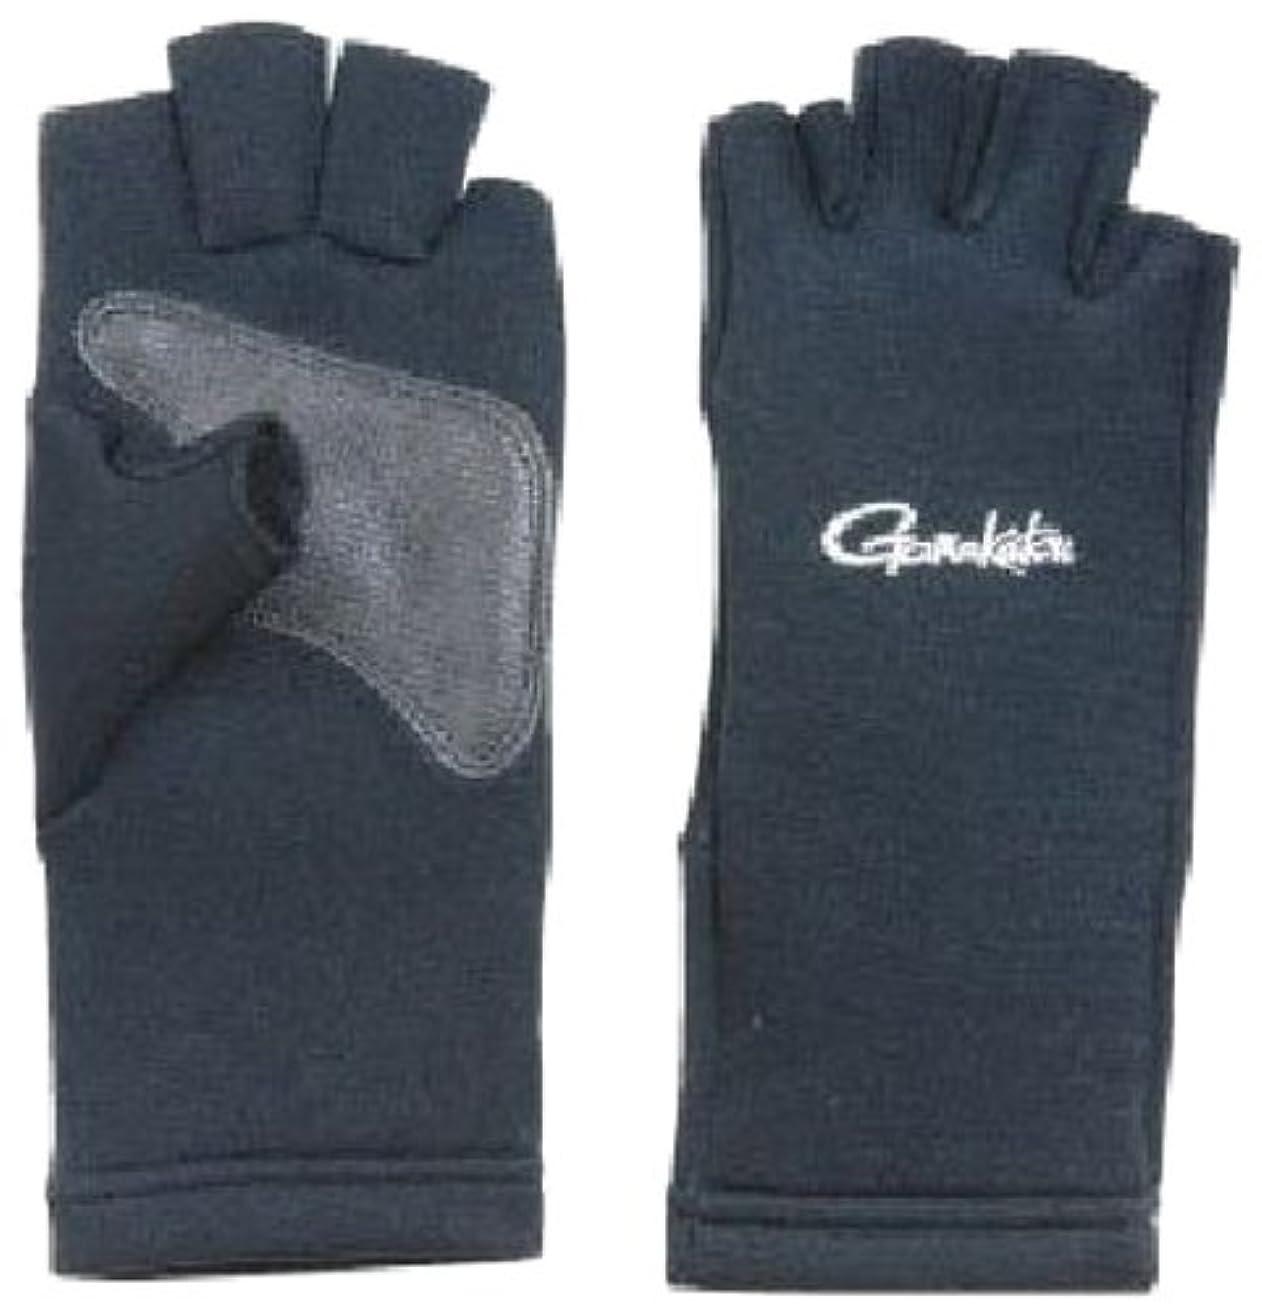 規範芽抑制がまかつ(Gamakatsu) フィッシンググローブ クロロプレーン 5本切 ブラック GM7185